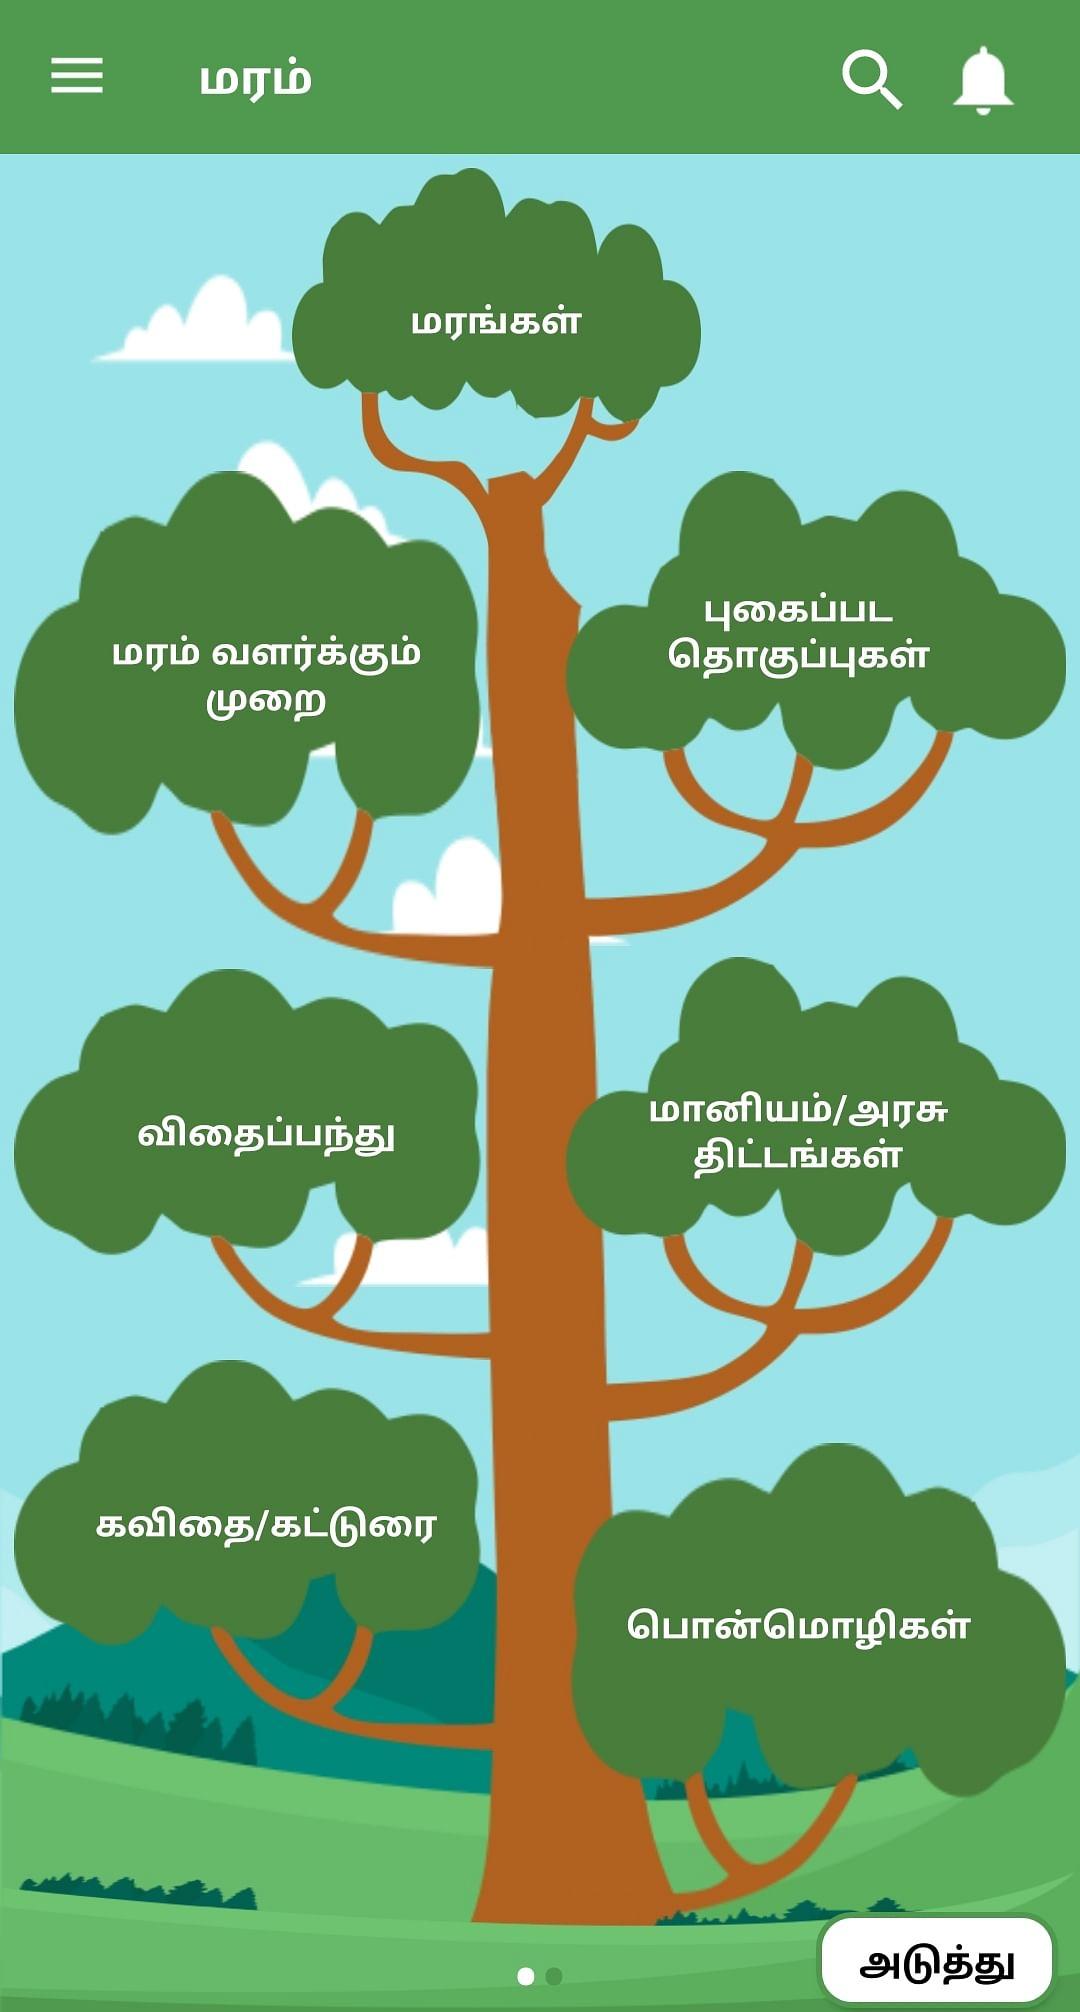 Maram Tamil